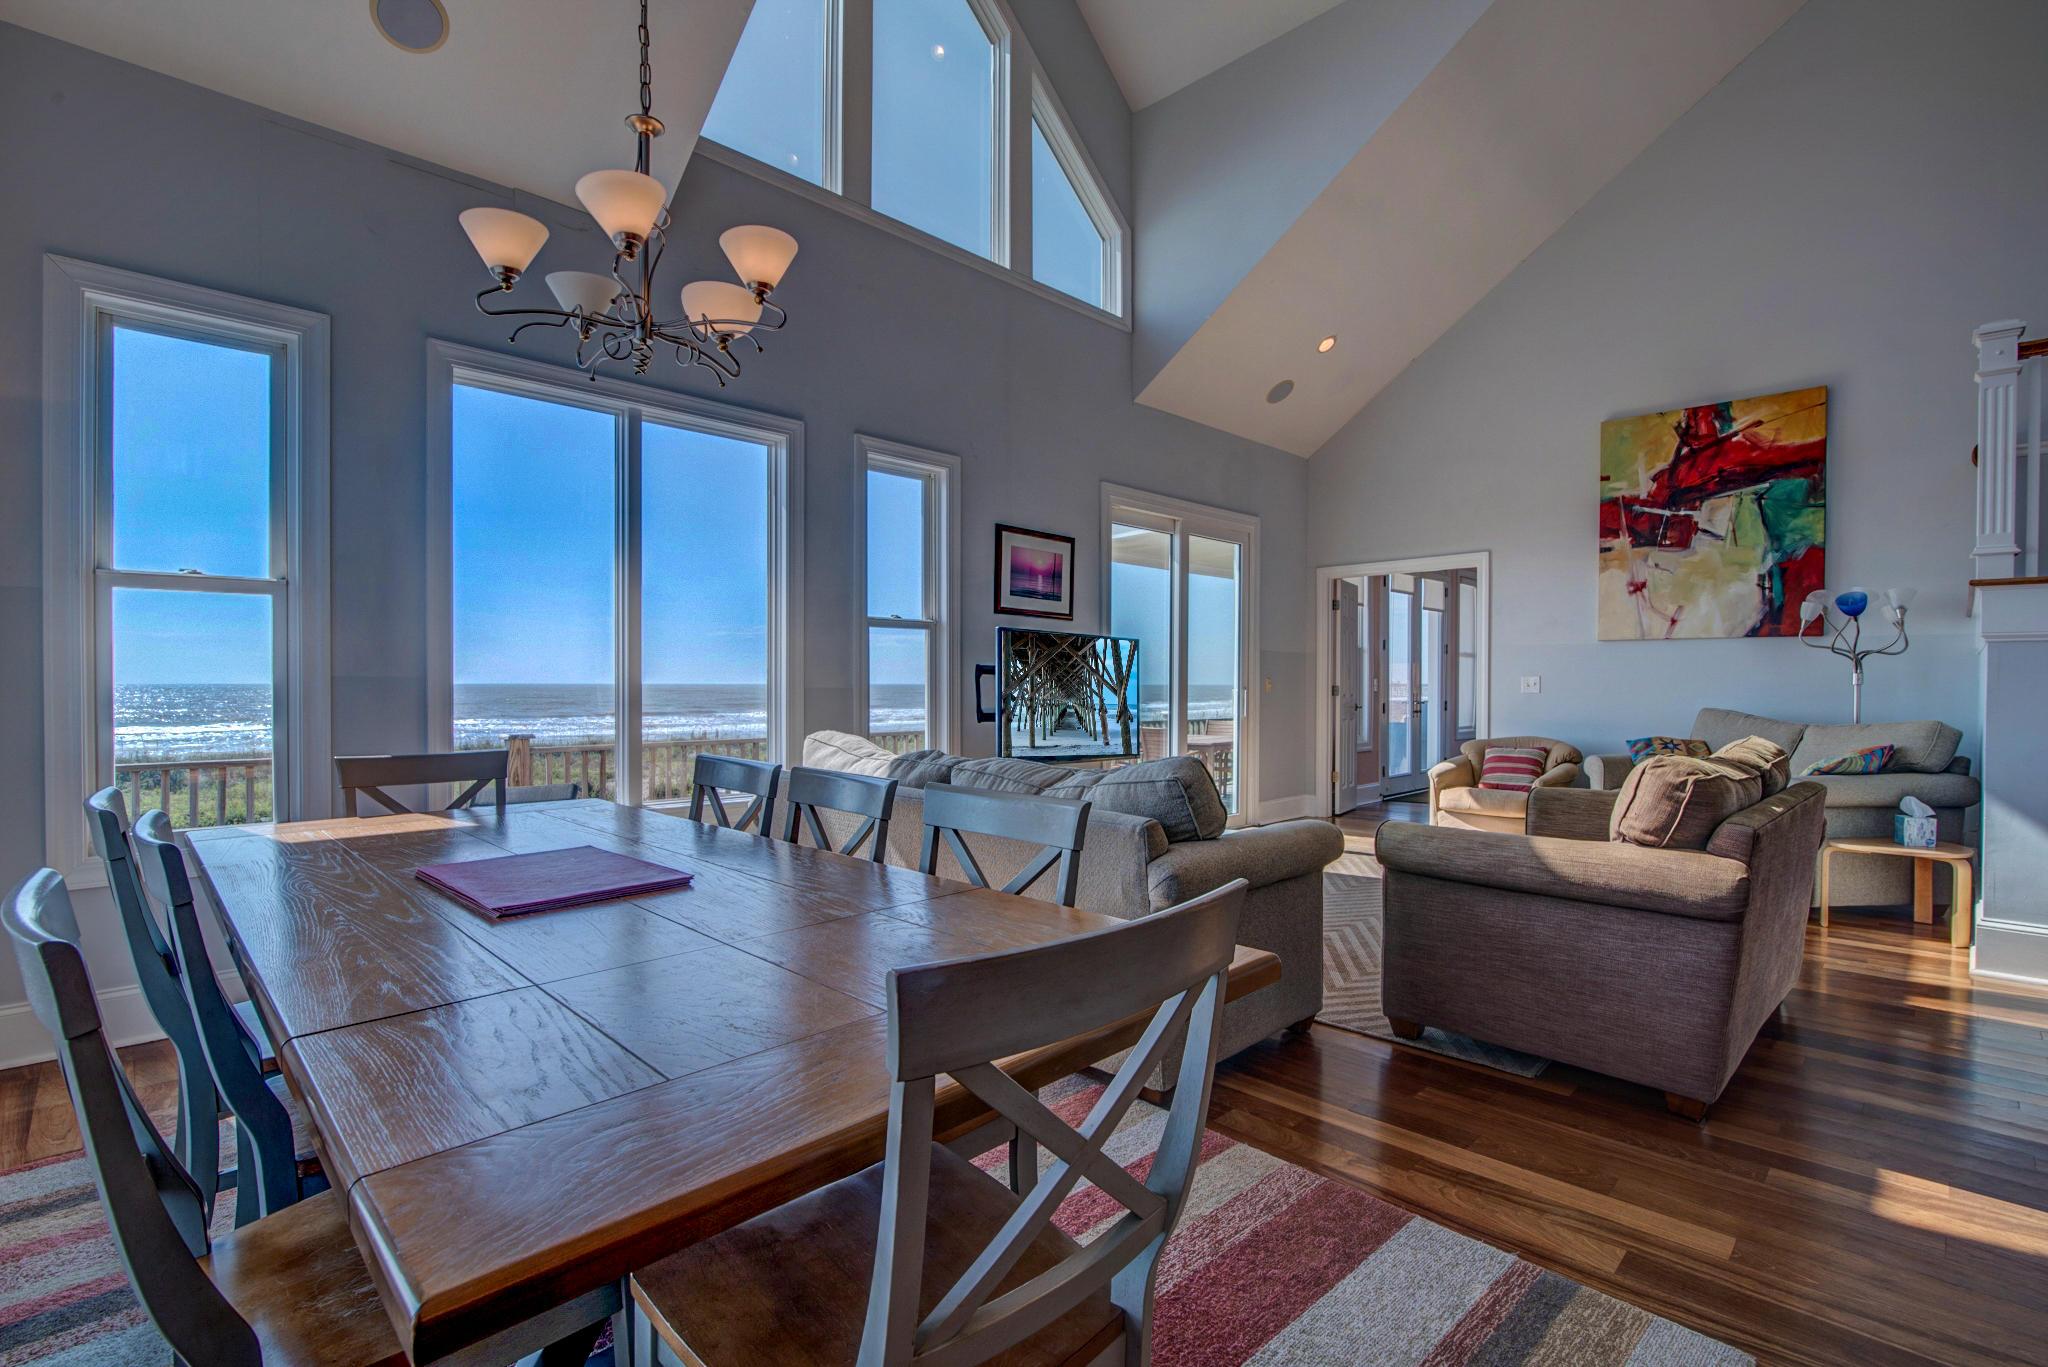 Folly Beach Homes For Sale - 319 Arctic, Folly Beach, SC - 10